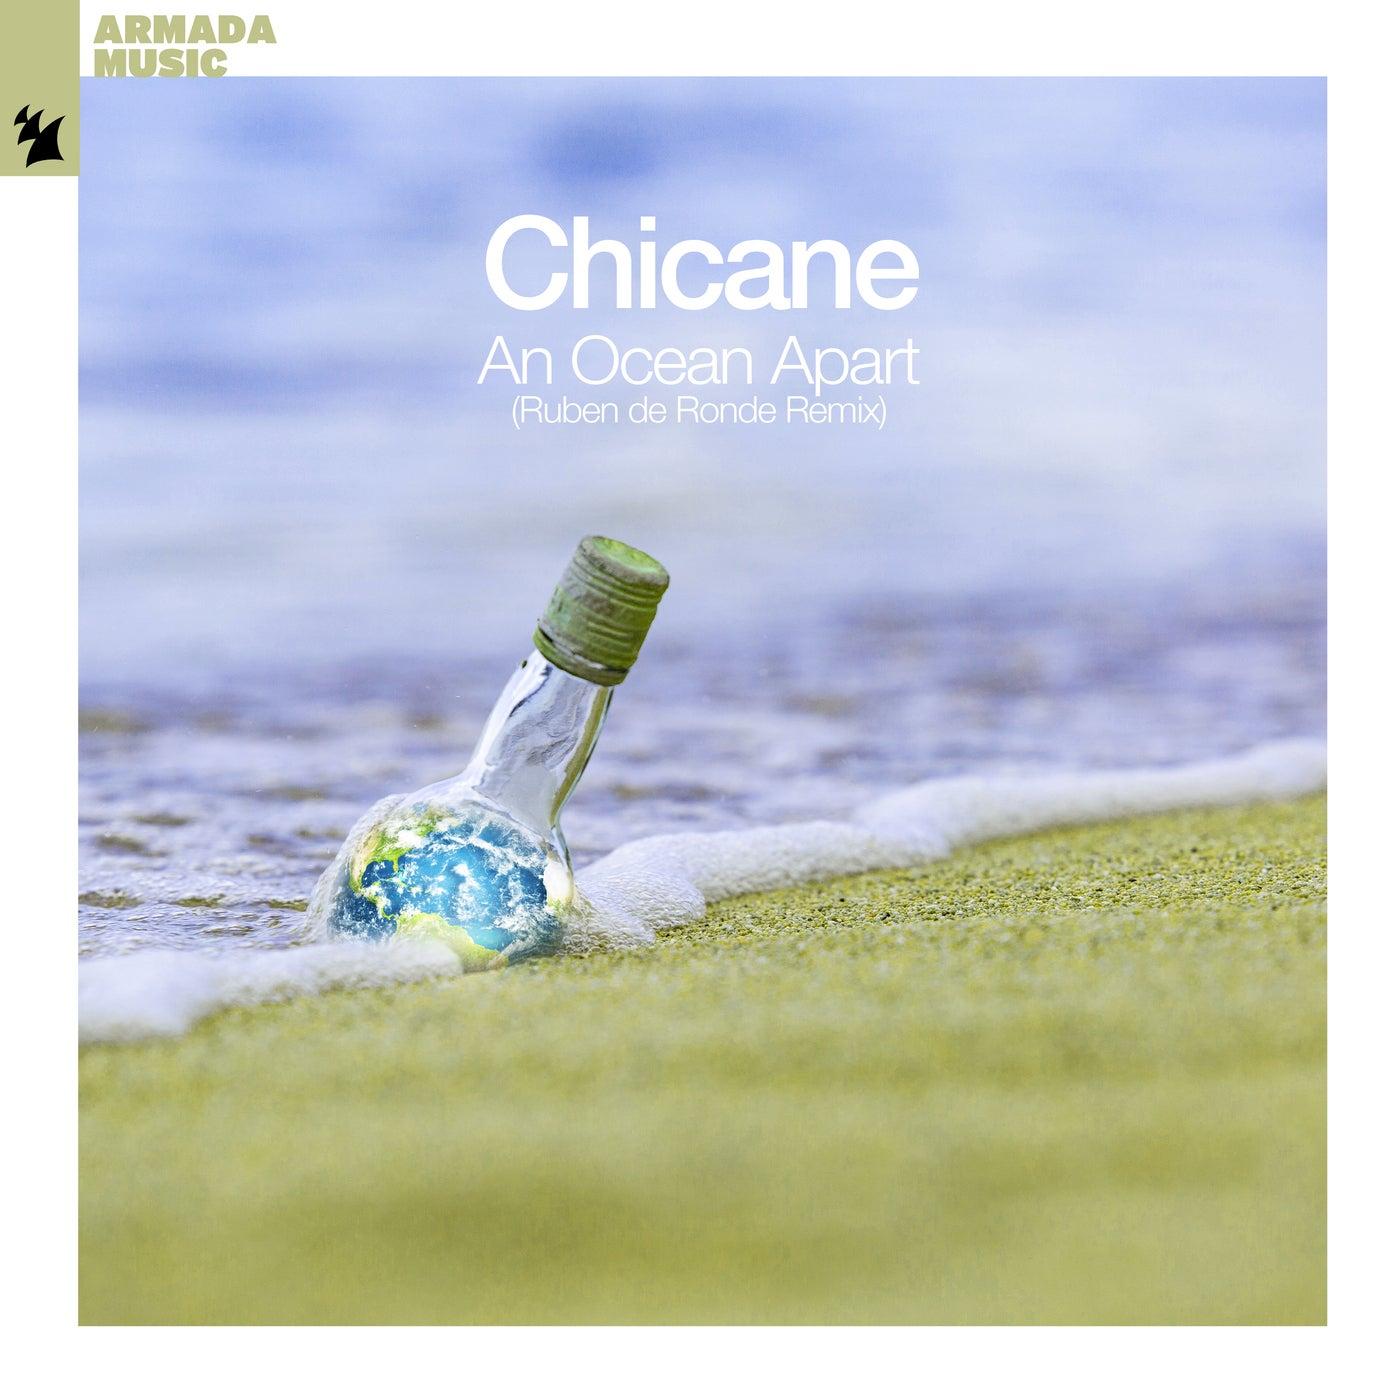 An Ocean Apart (Ruben de Ronde Extended Remix)